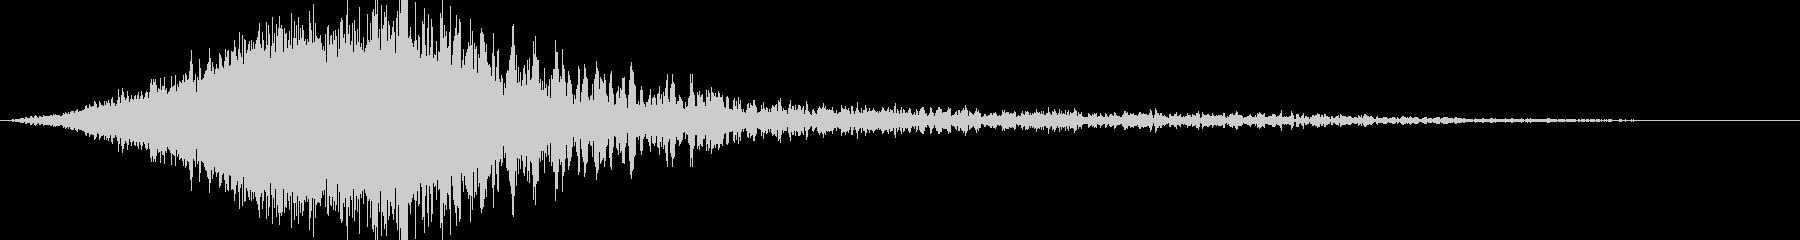 バーン:オープニングロゴなどの締めの音4の未再生の波形